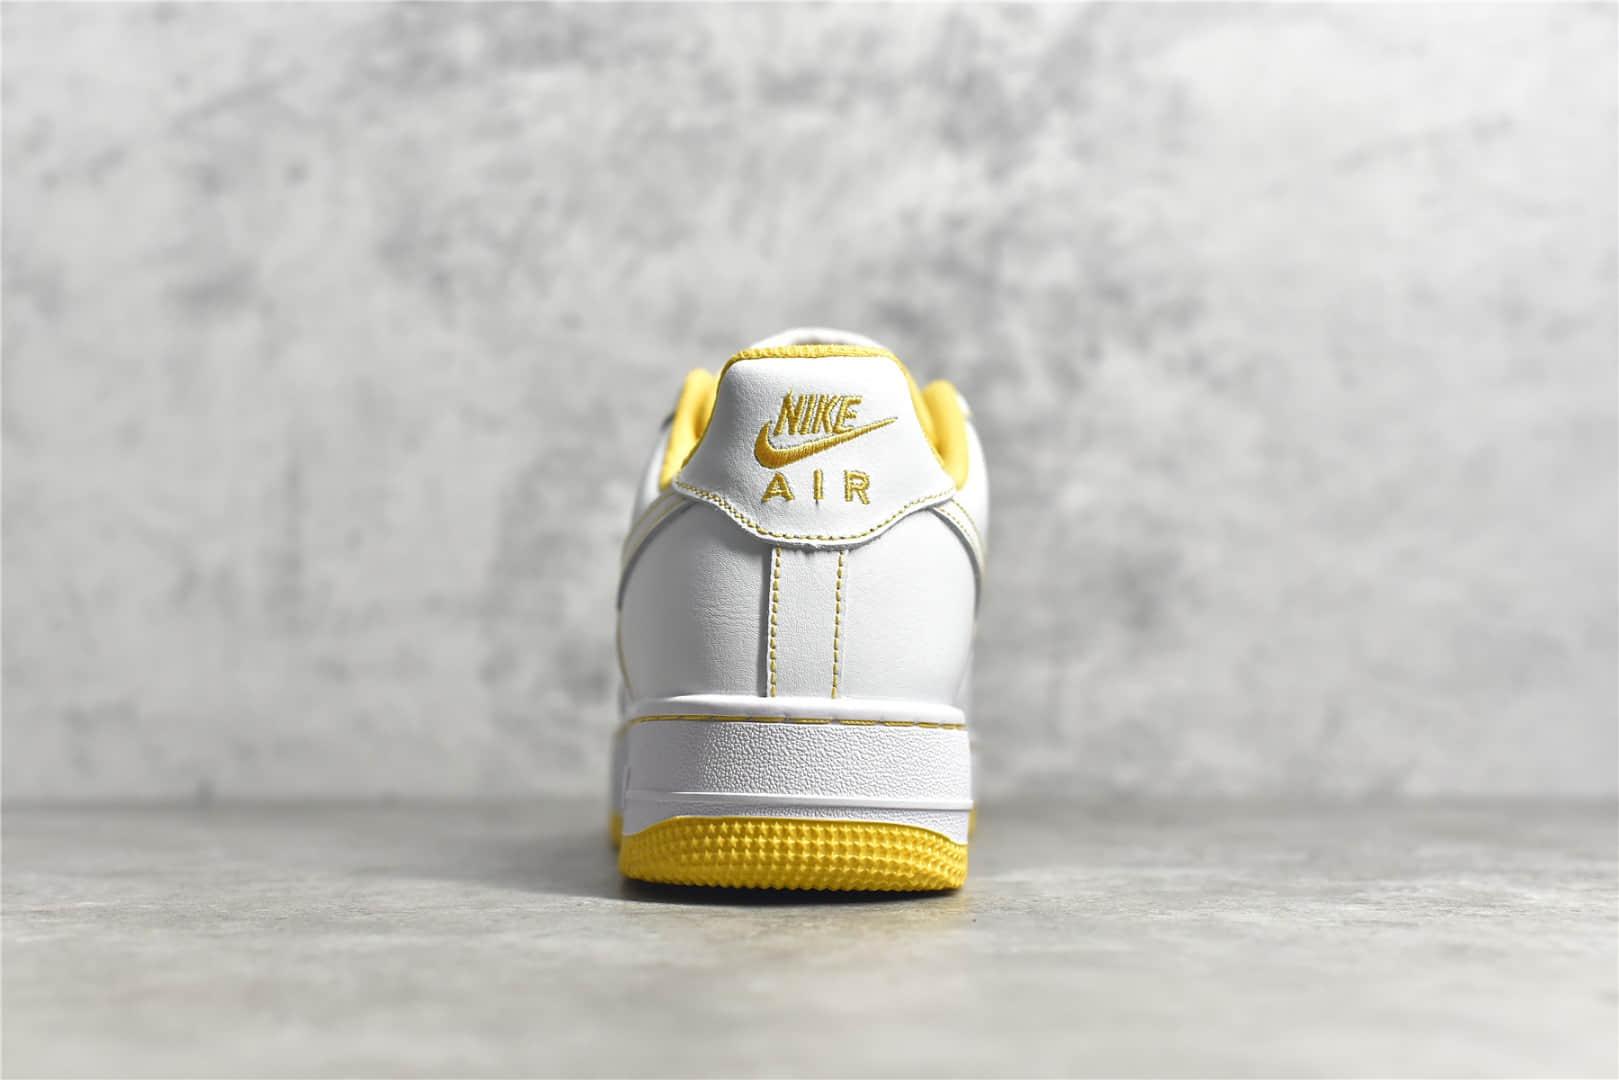 耐克空军白黄低帮 Nike Air Force 1 Low 纯原版本空军渠道 耐克空军原厂进口材料 货号:CV1724-102-潮流者之家